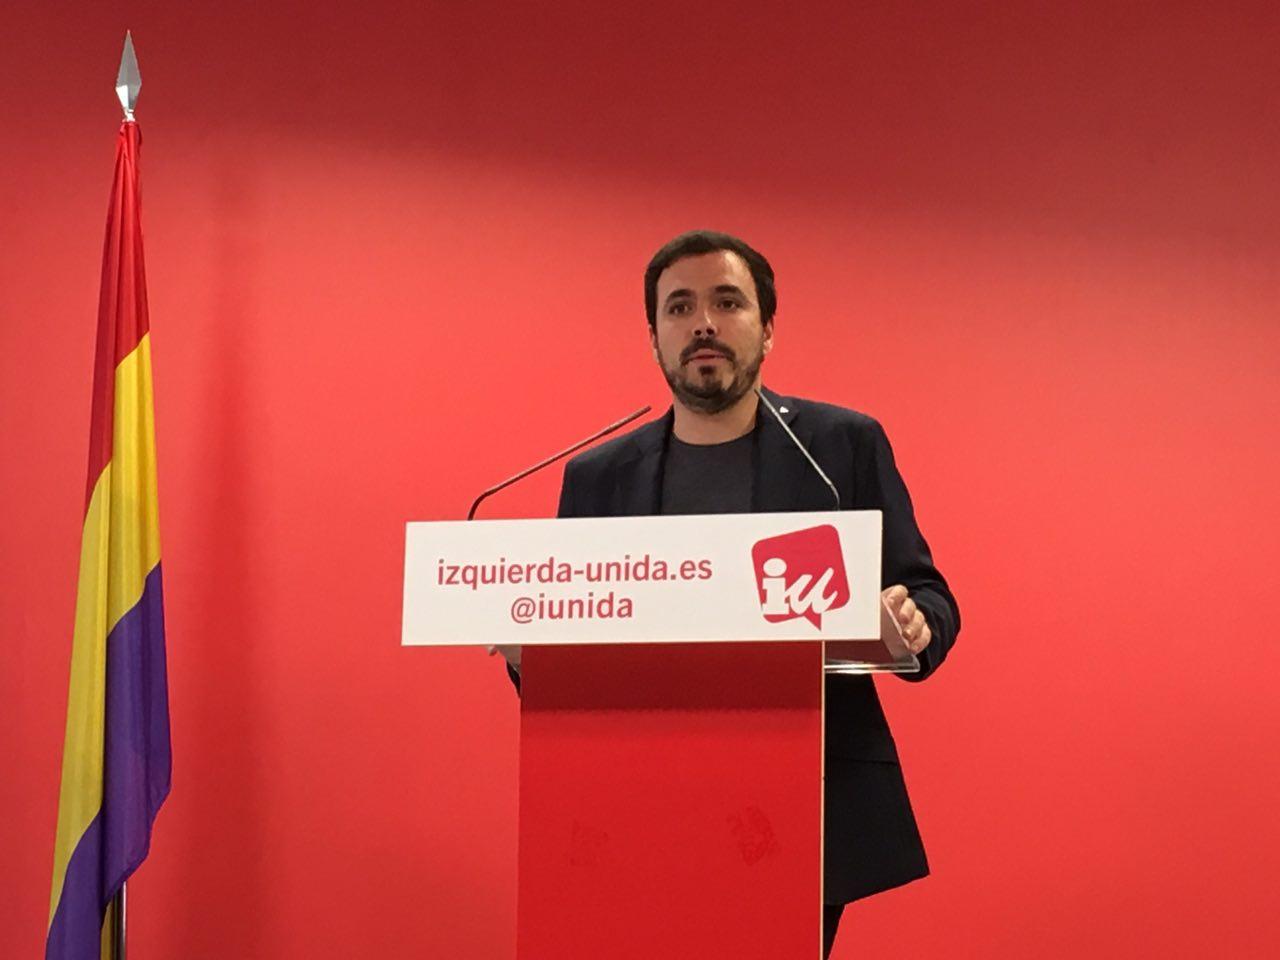 Garzón explicando qué es el bloque reaccionario y el democrático